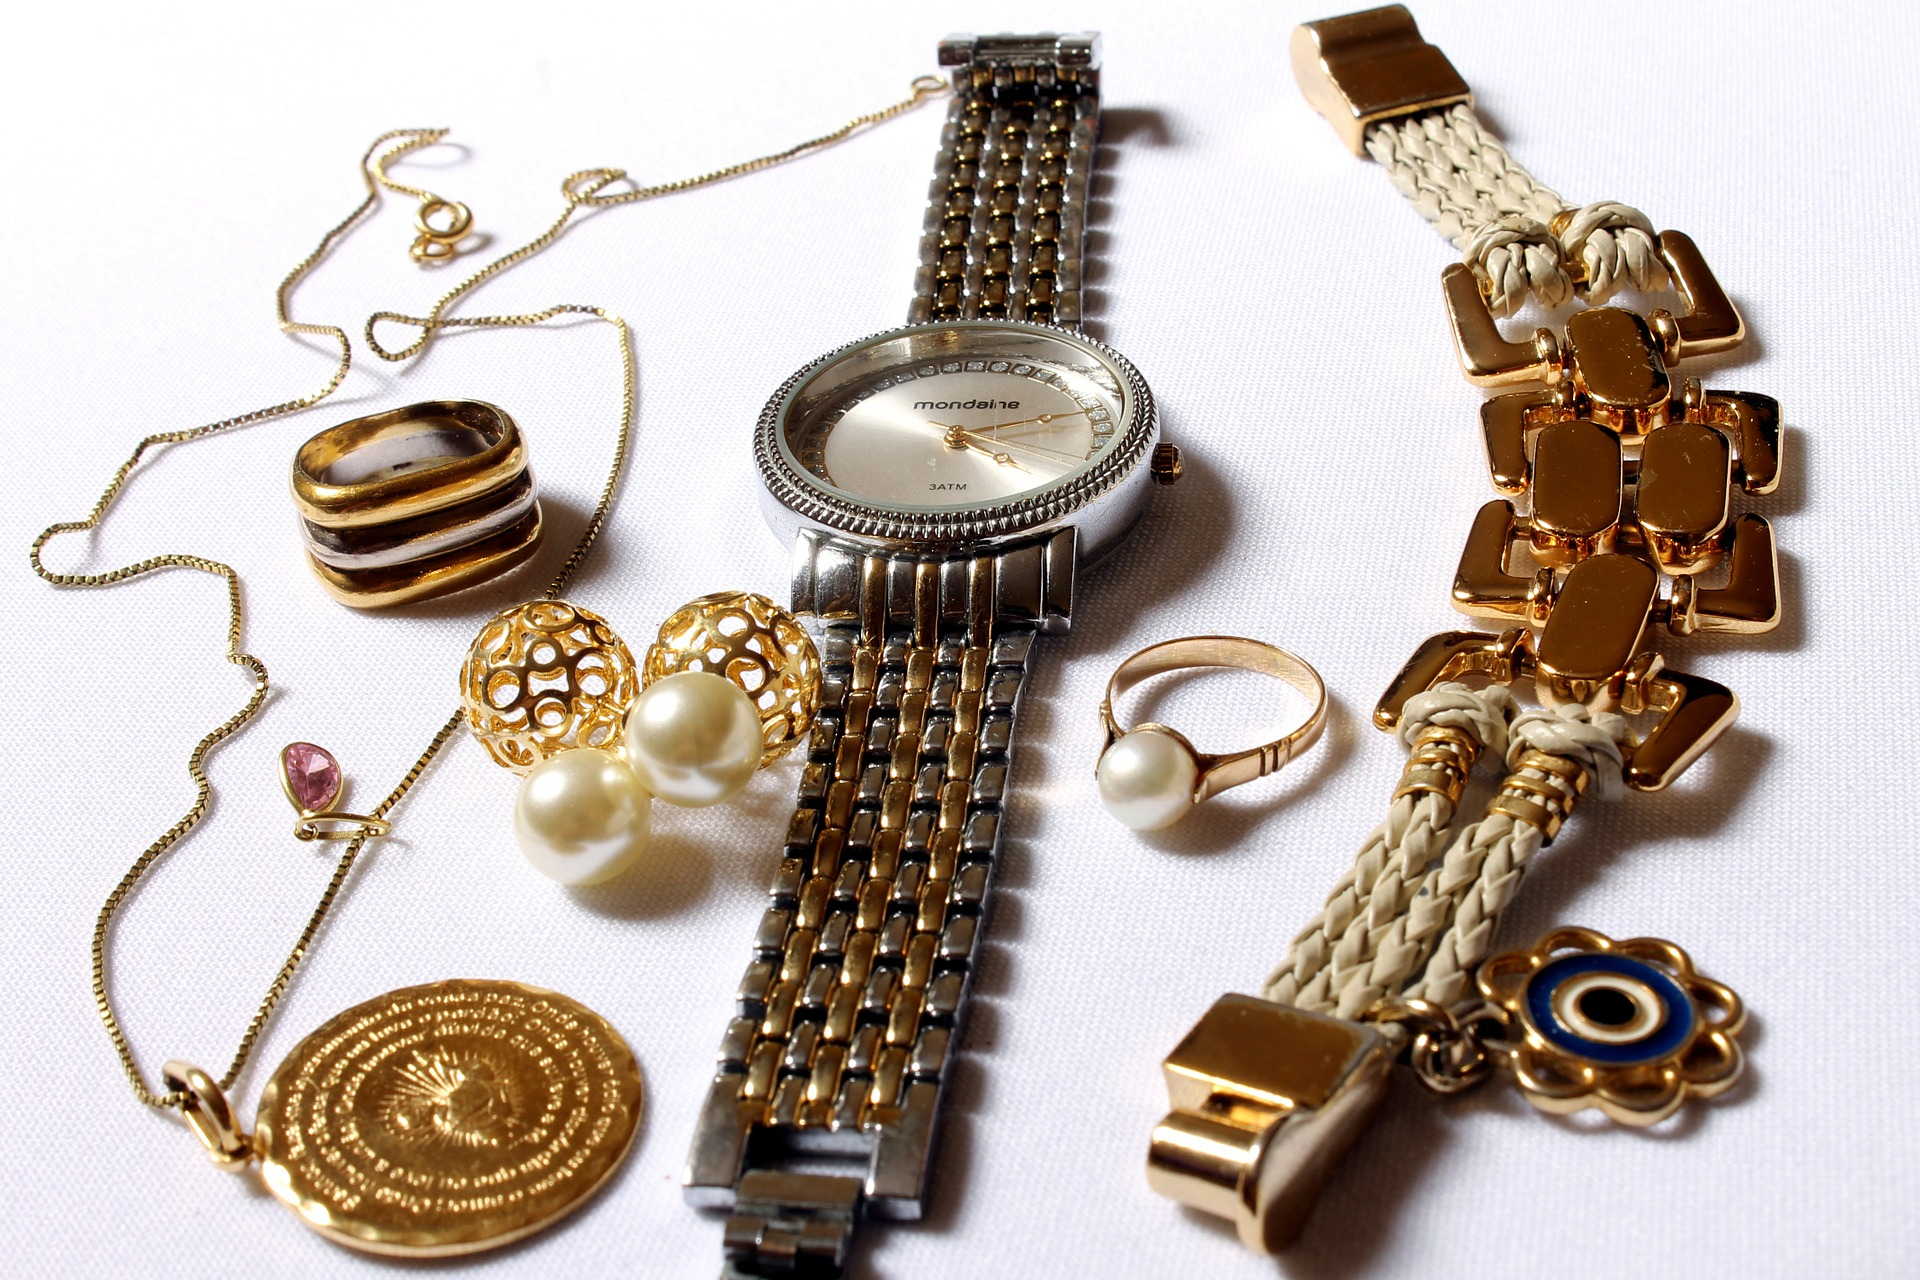 Бизнес на продаже ювелирных украшений. Пошаговая инструкция